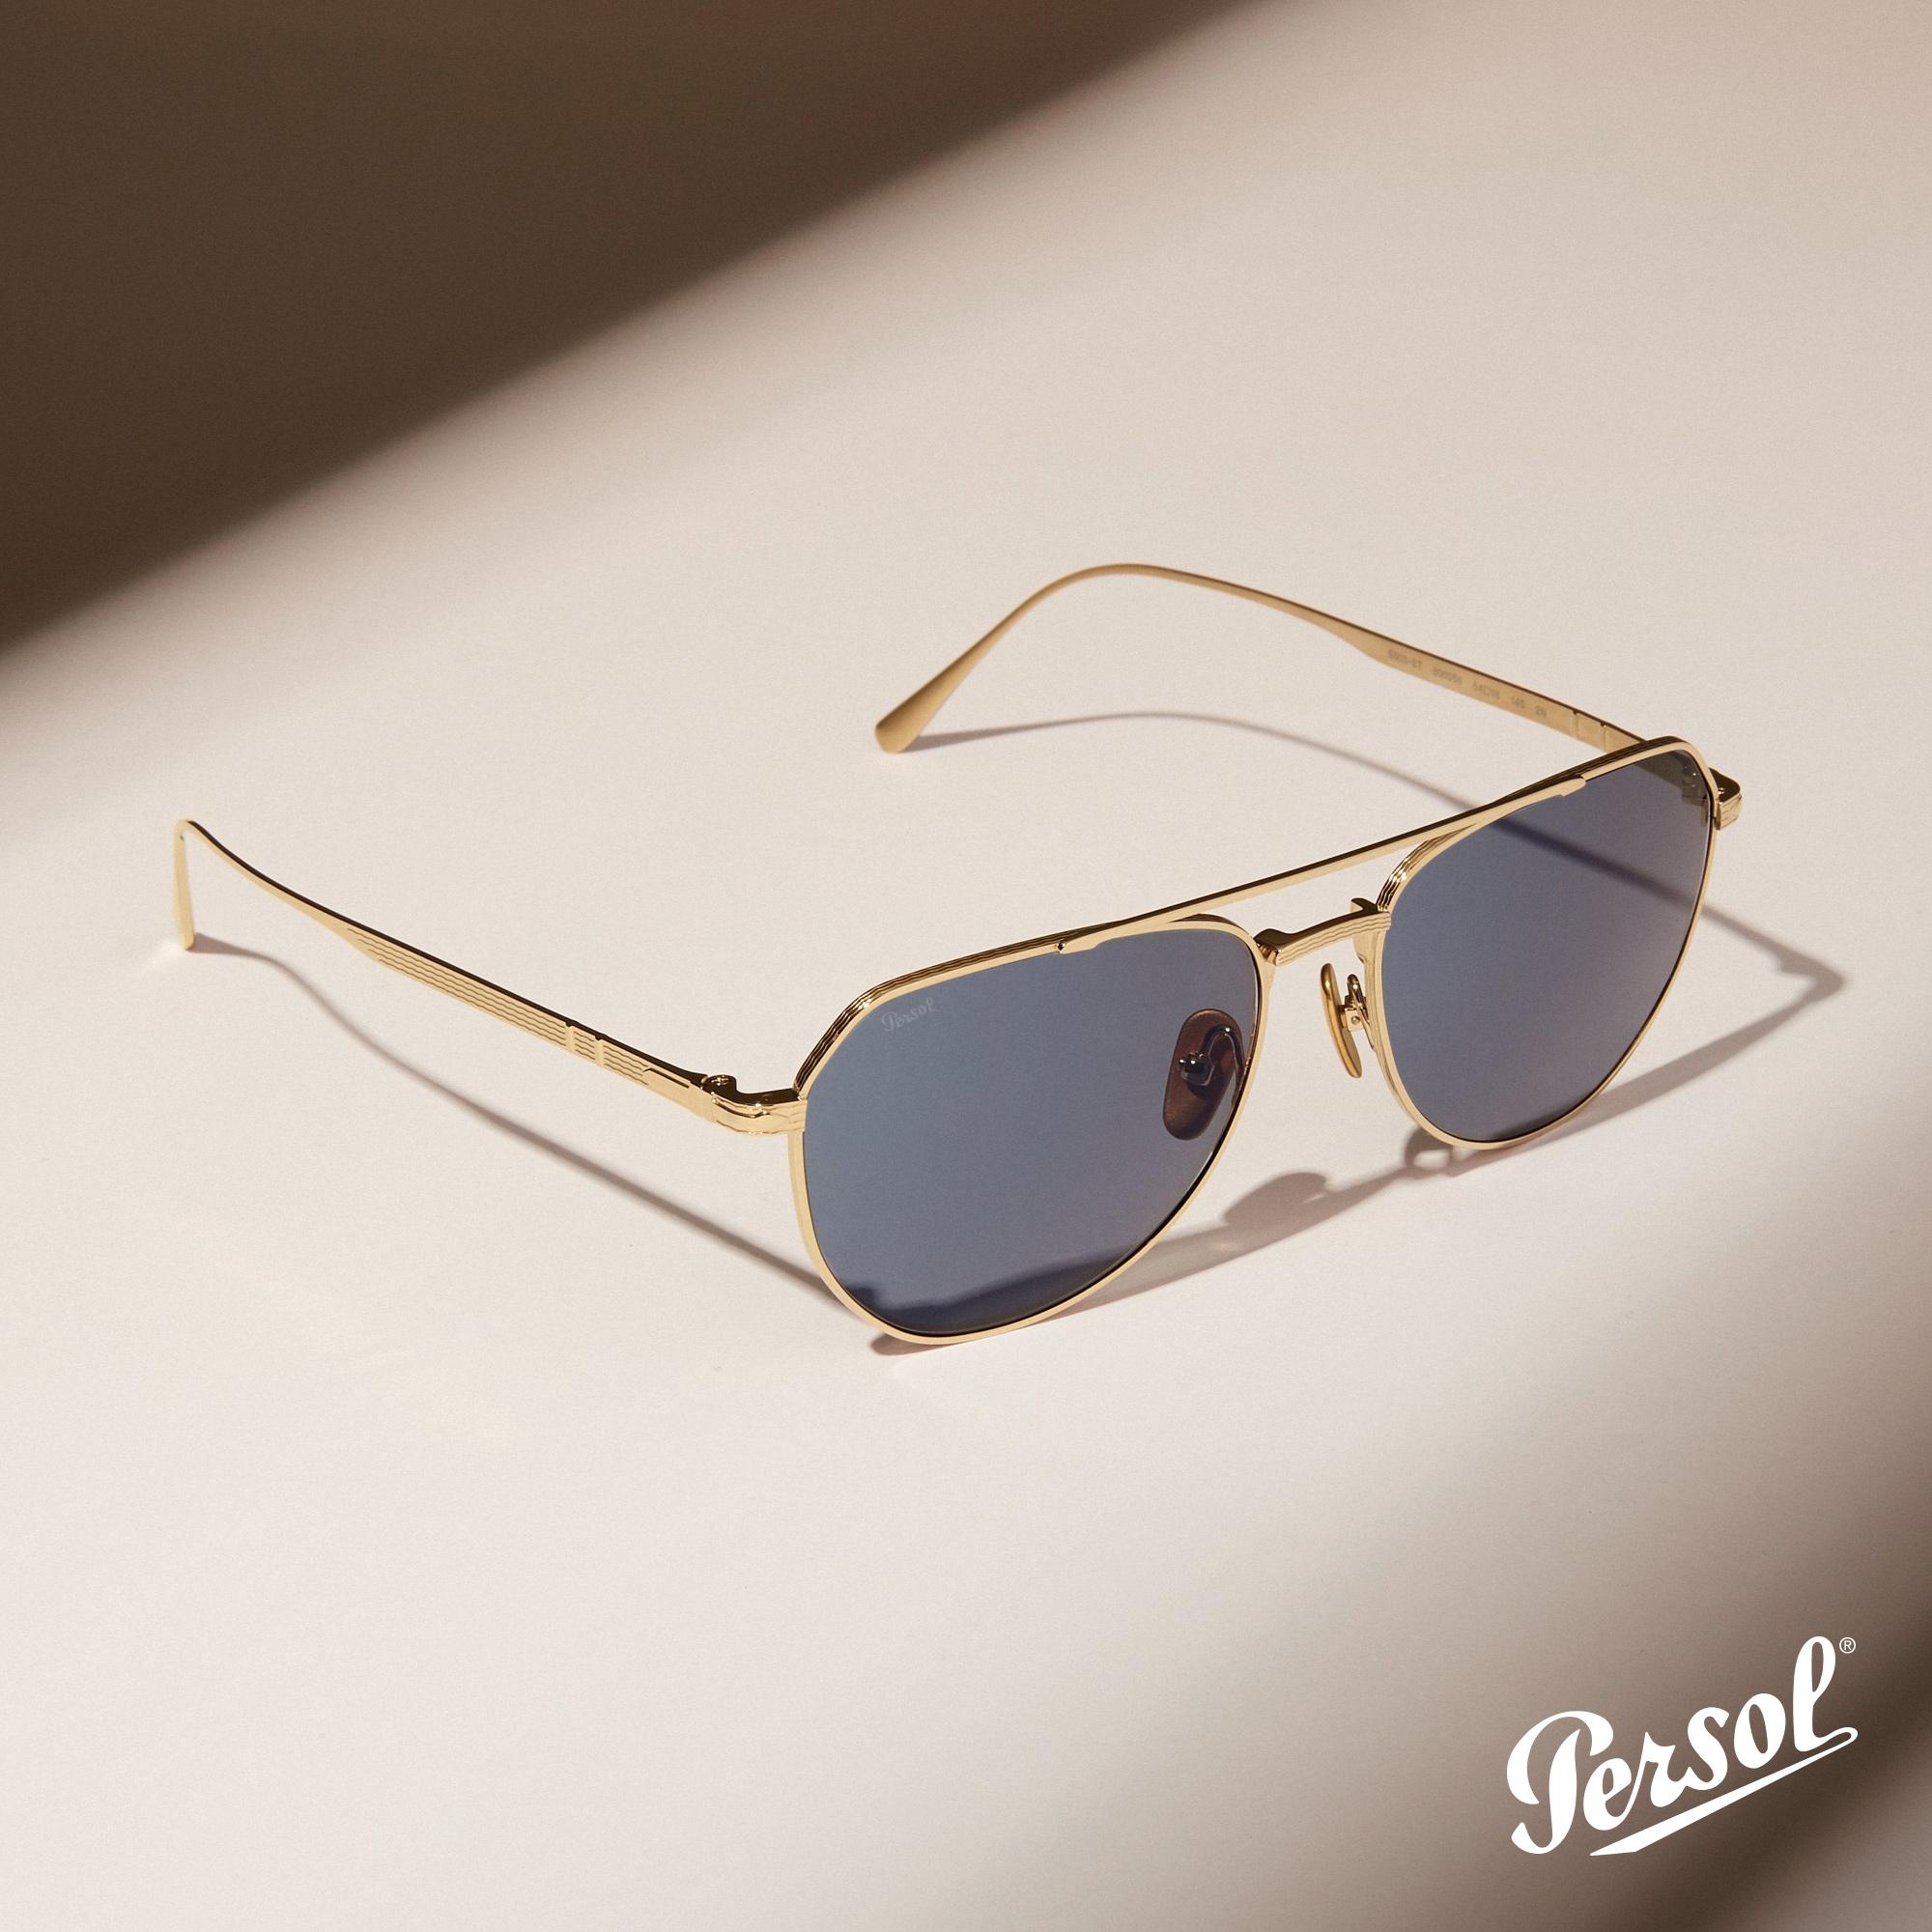 Persol -Óculo de Sol Gold - Pitosga Óptica